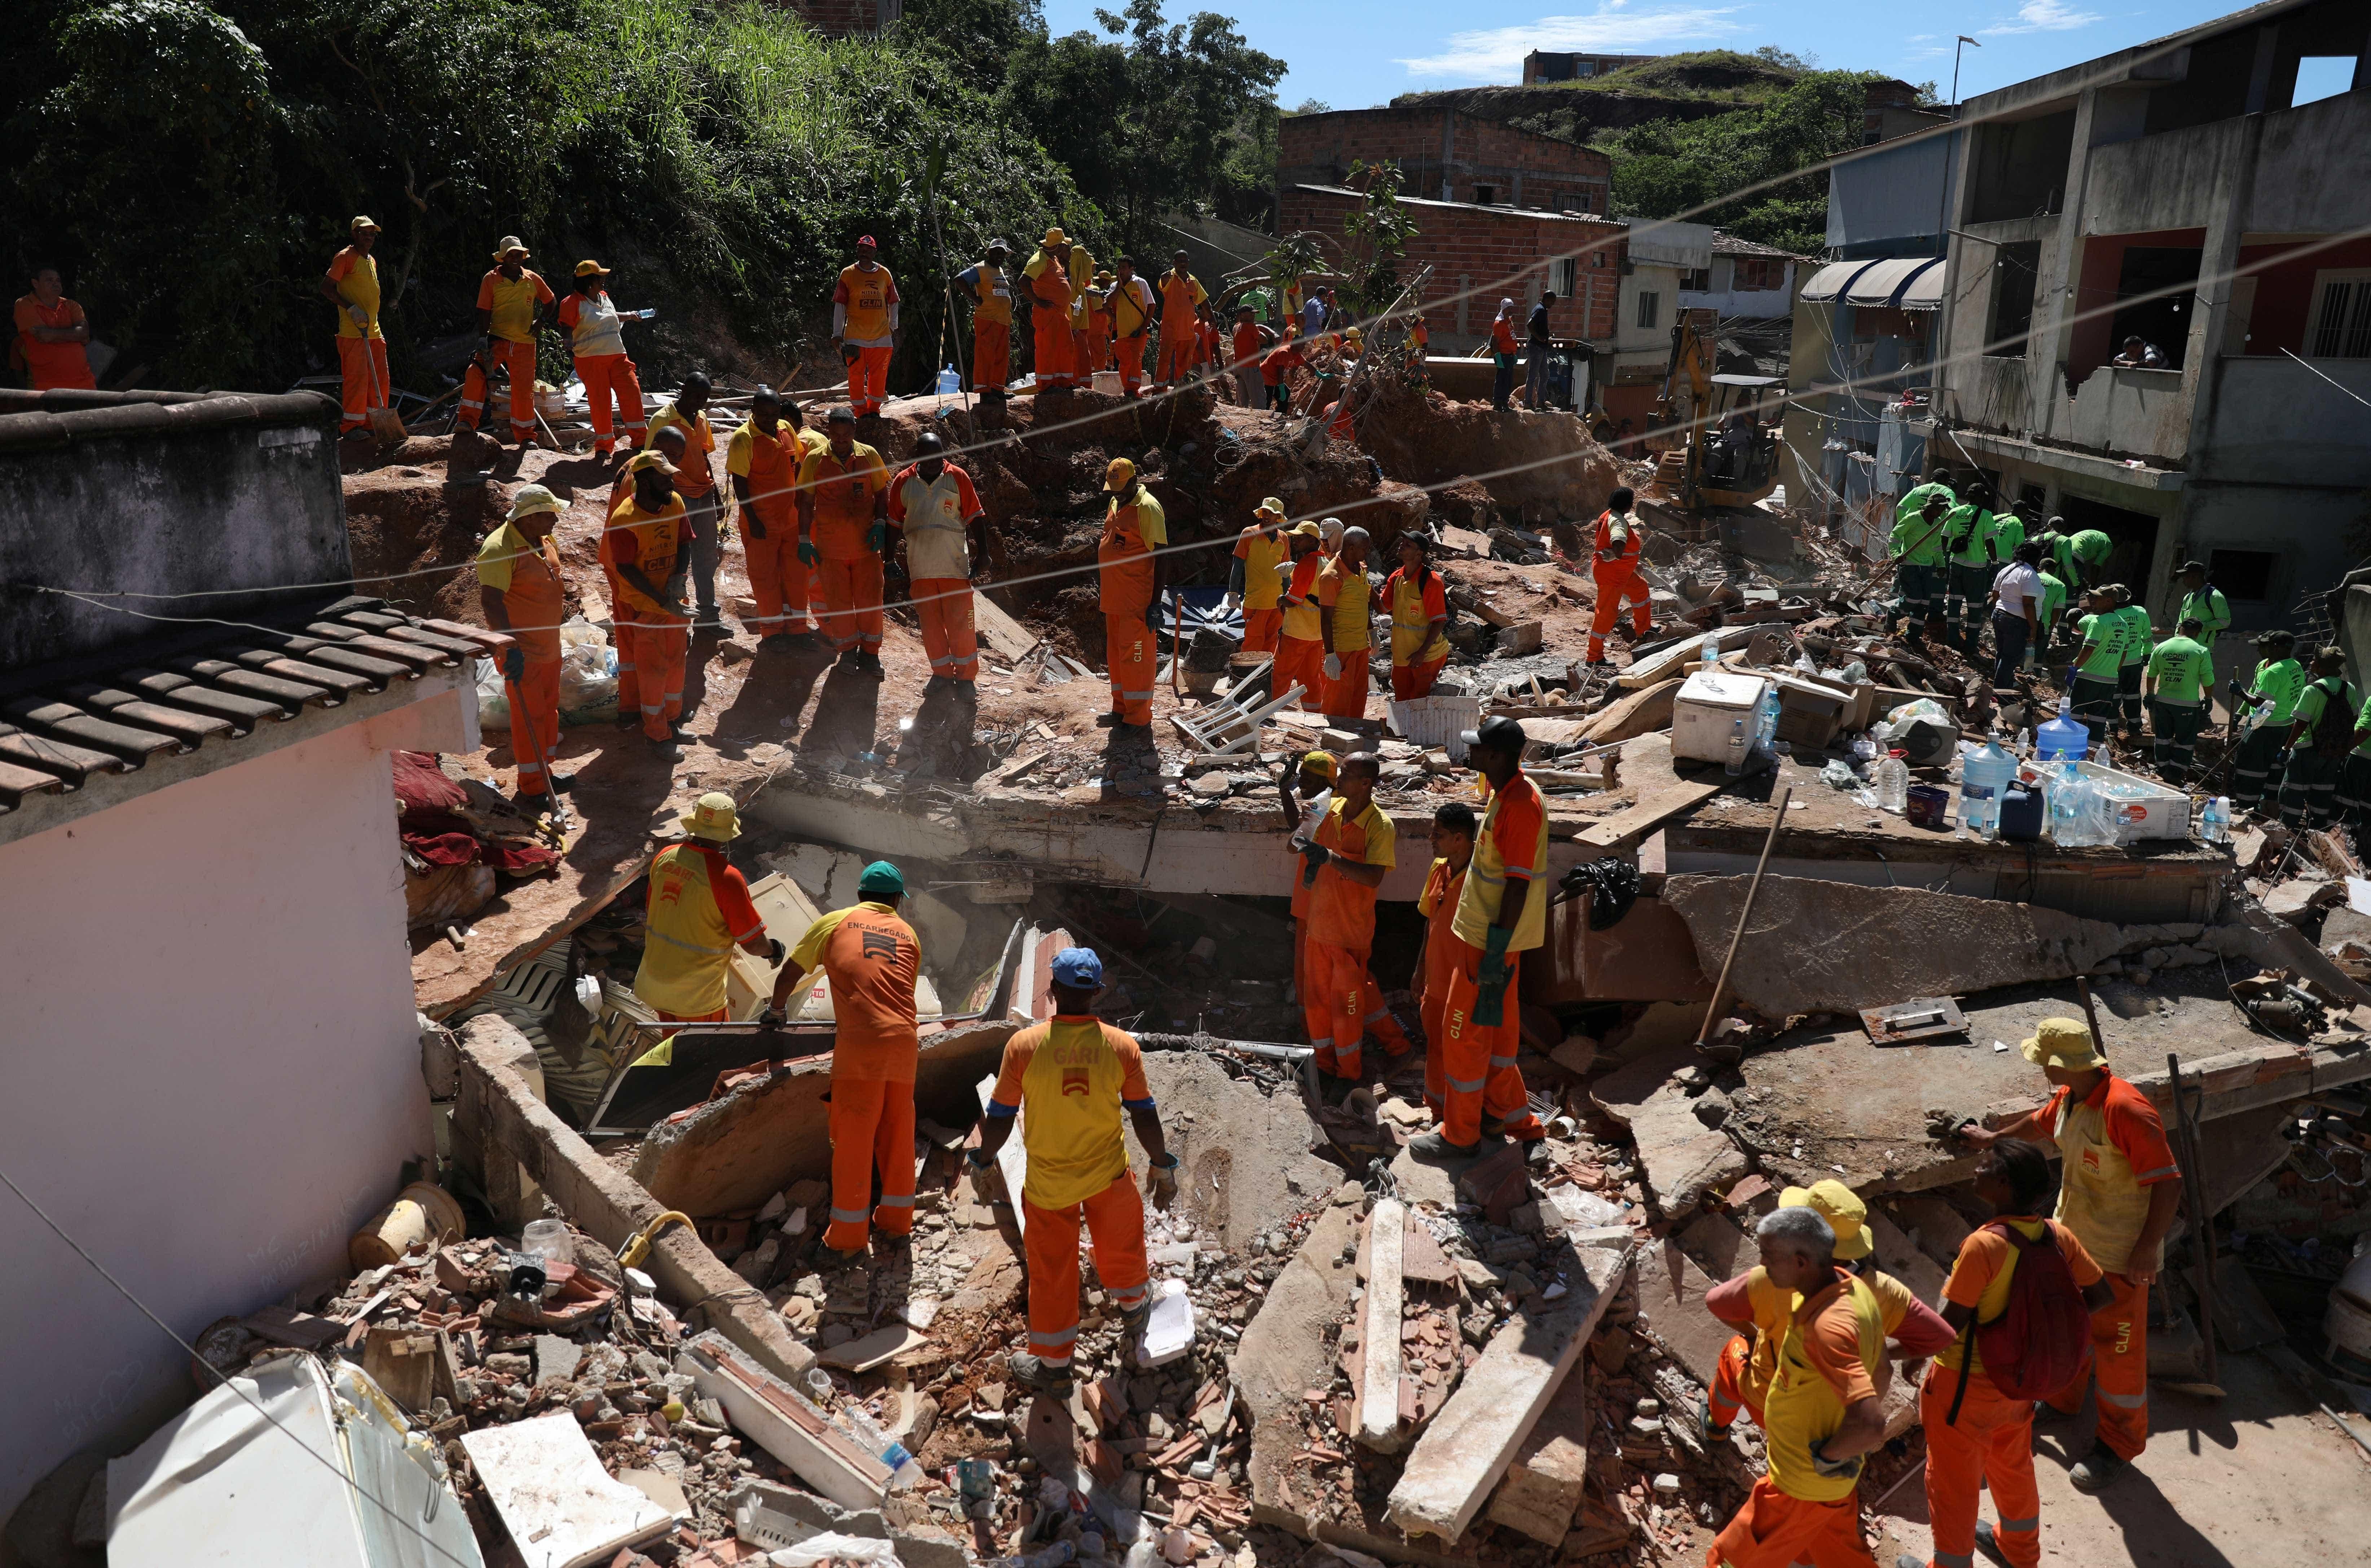 Mulher perde 7 parentes na tragédia em Niterói: 'Não quero ser forte'